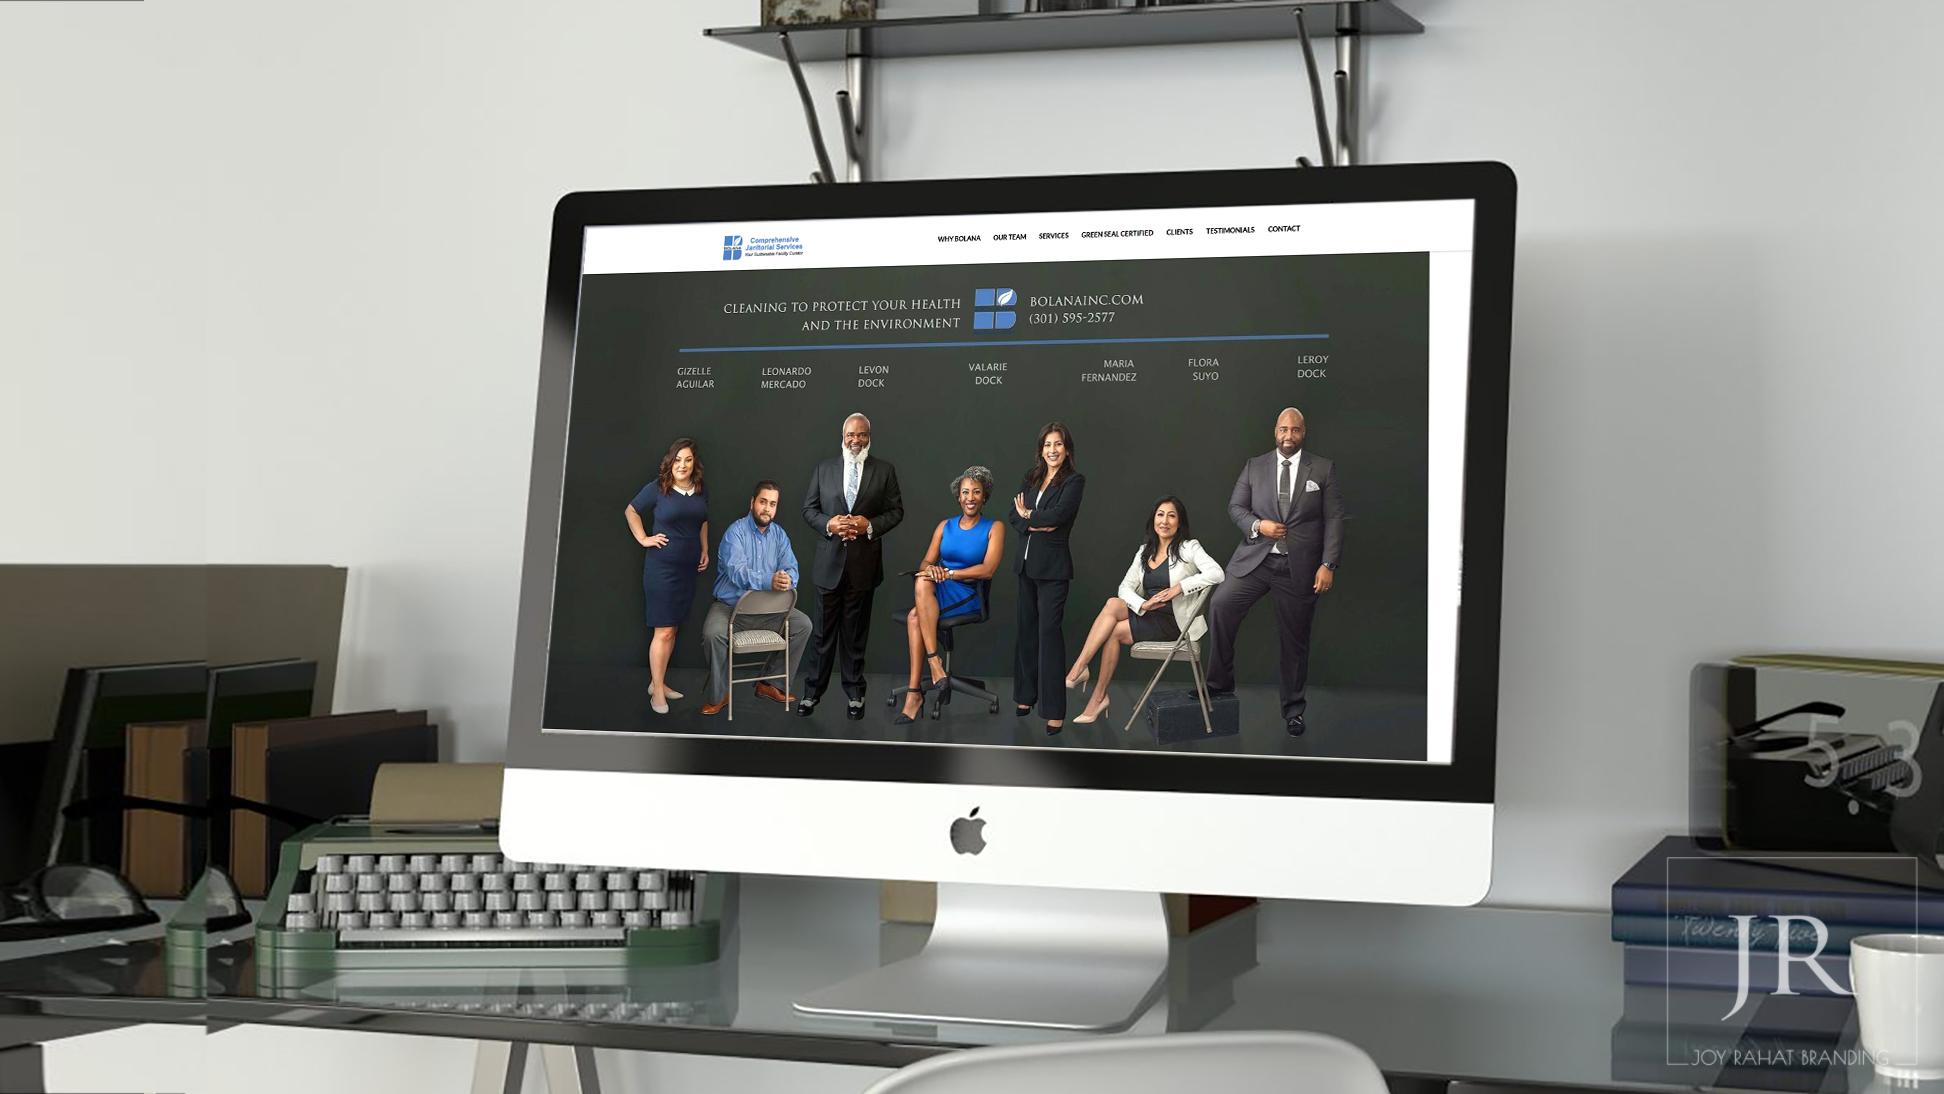 Rebranding website